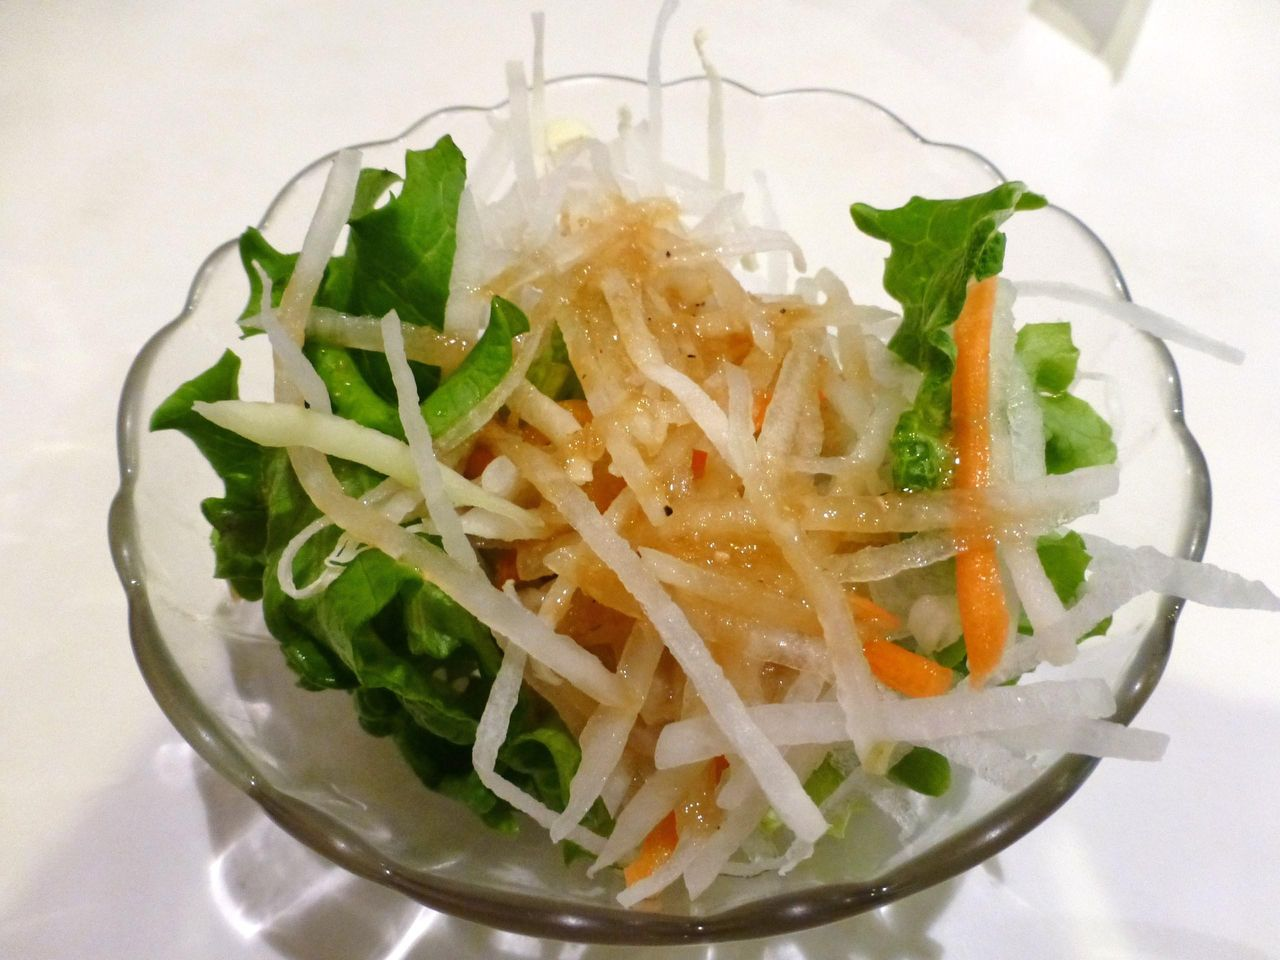 サラダが付いて、野菜もタップリ補給できます!